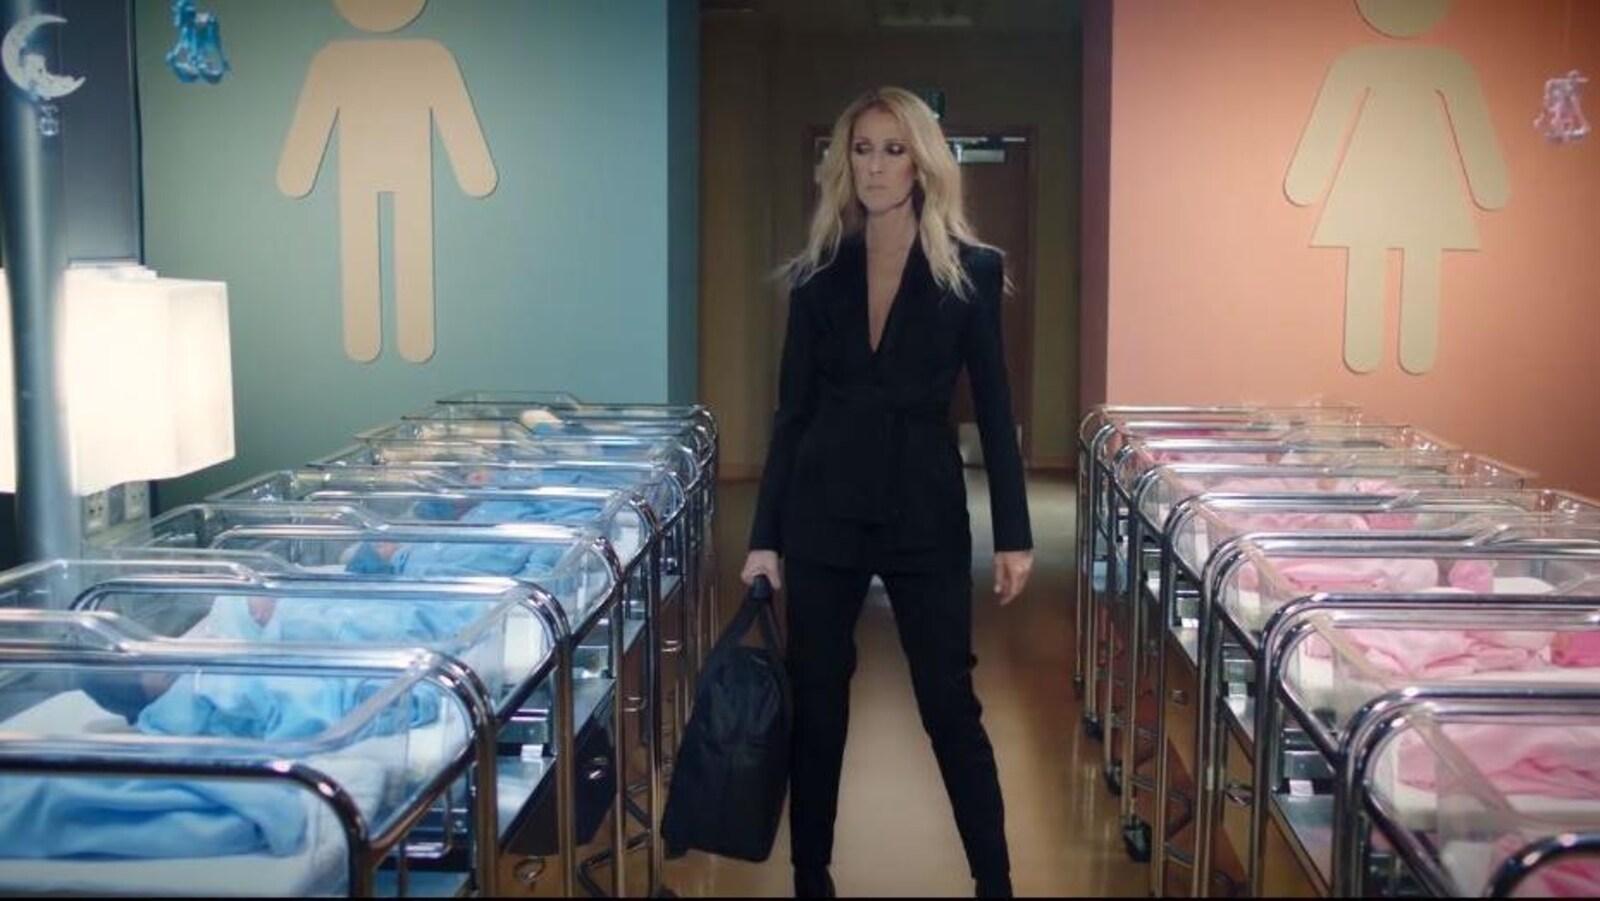 La chanteuse habillée de noir est entouré de bébés vêtus de rose et de bleu.